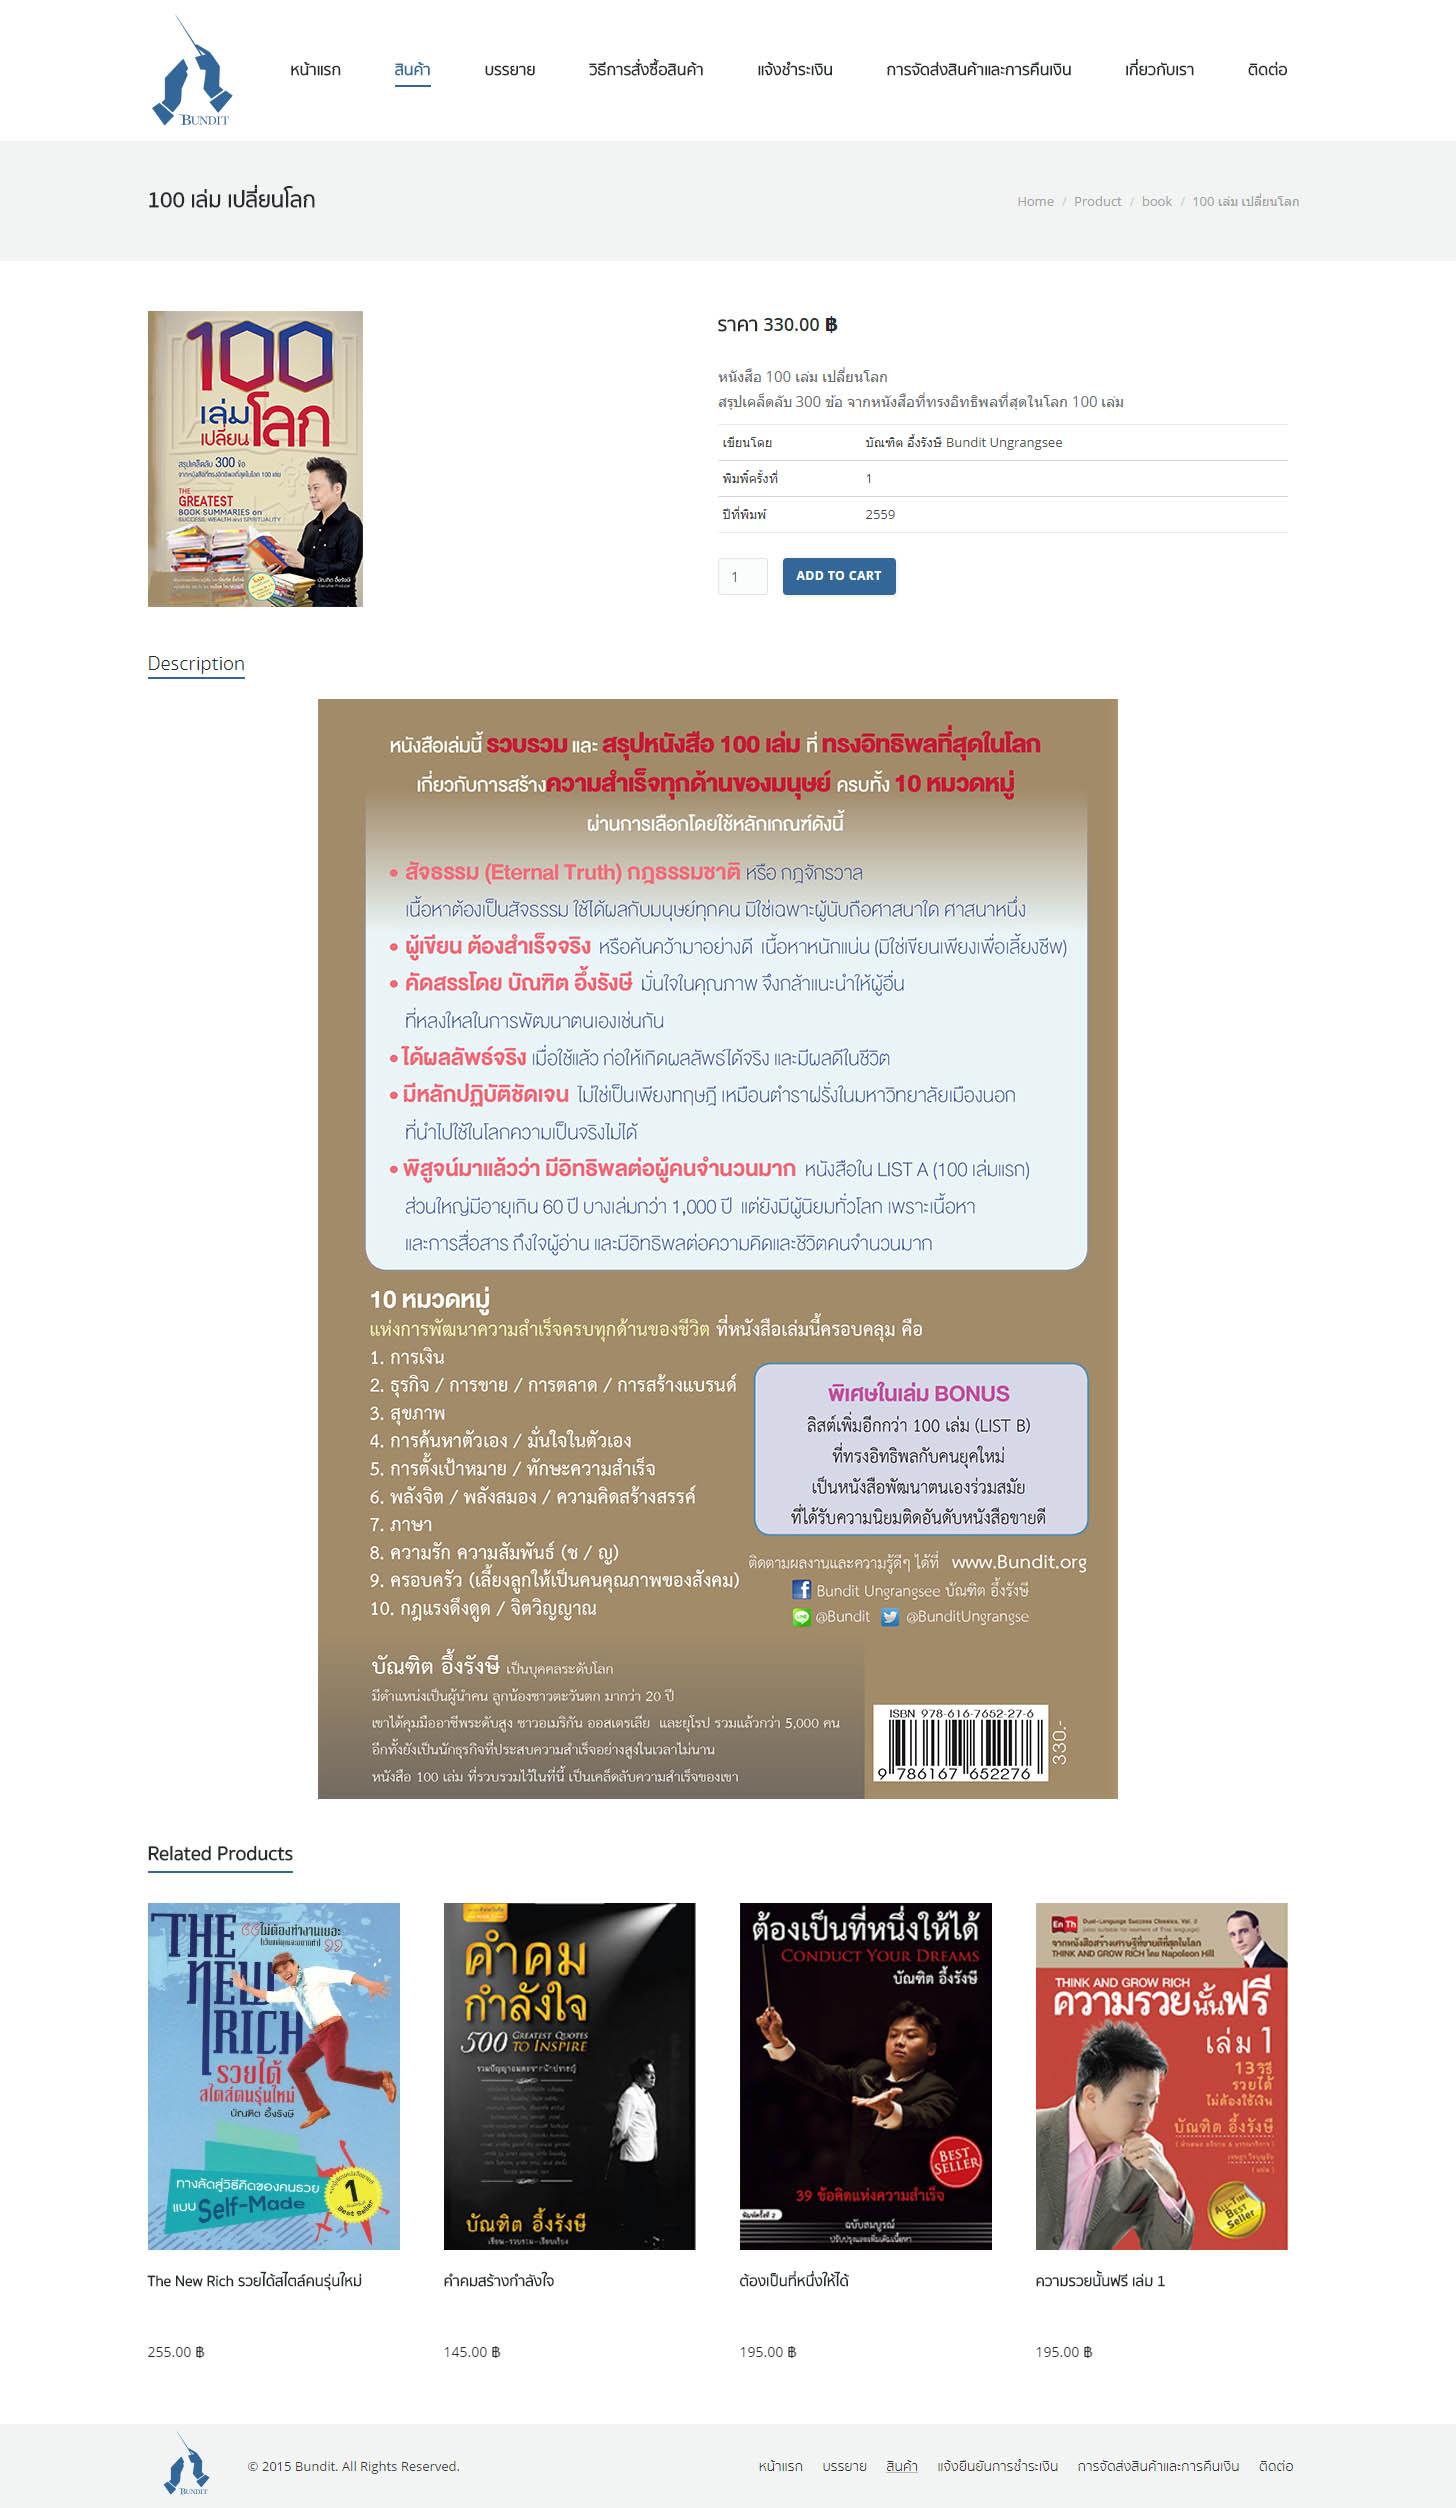 100 เล่ม เปลี่ยนโลก – Bundit Ungrangsee บัณฑิต อึ้งรังษี